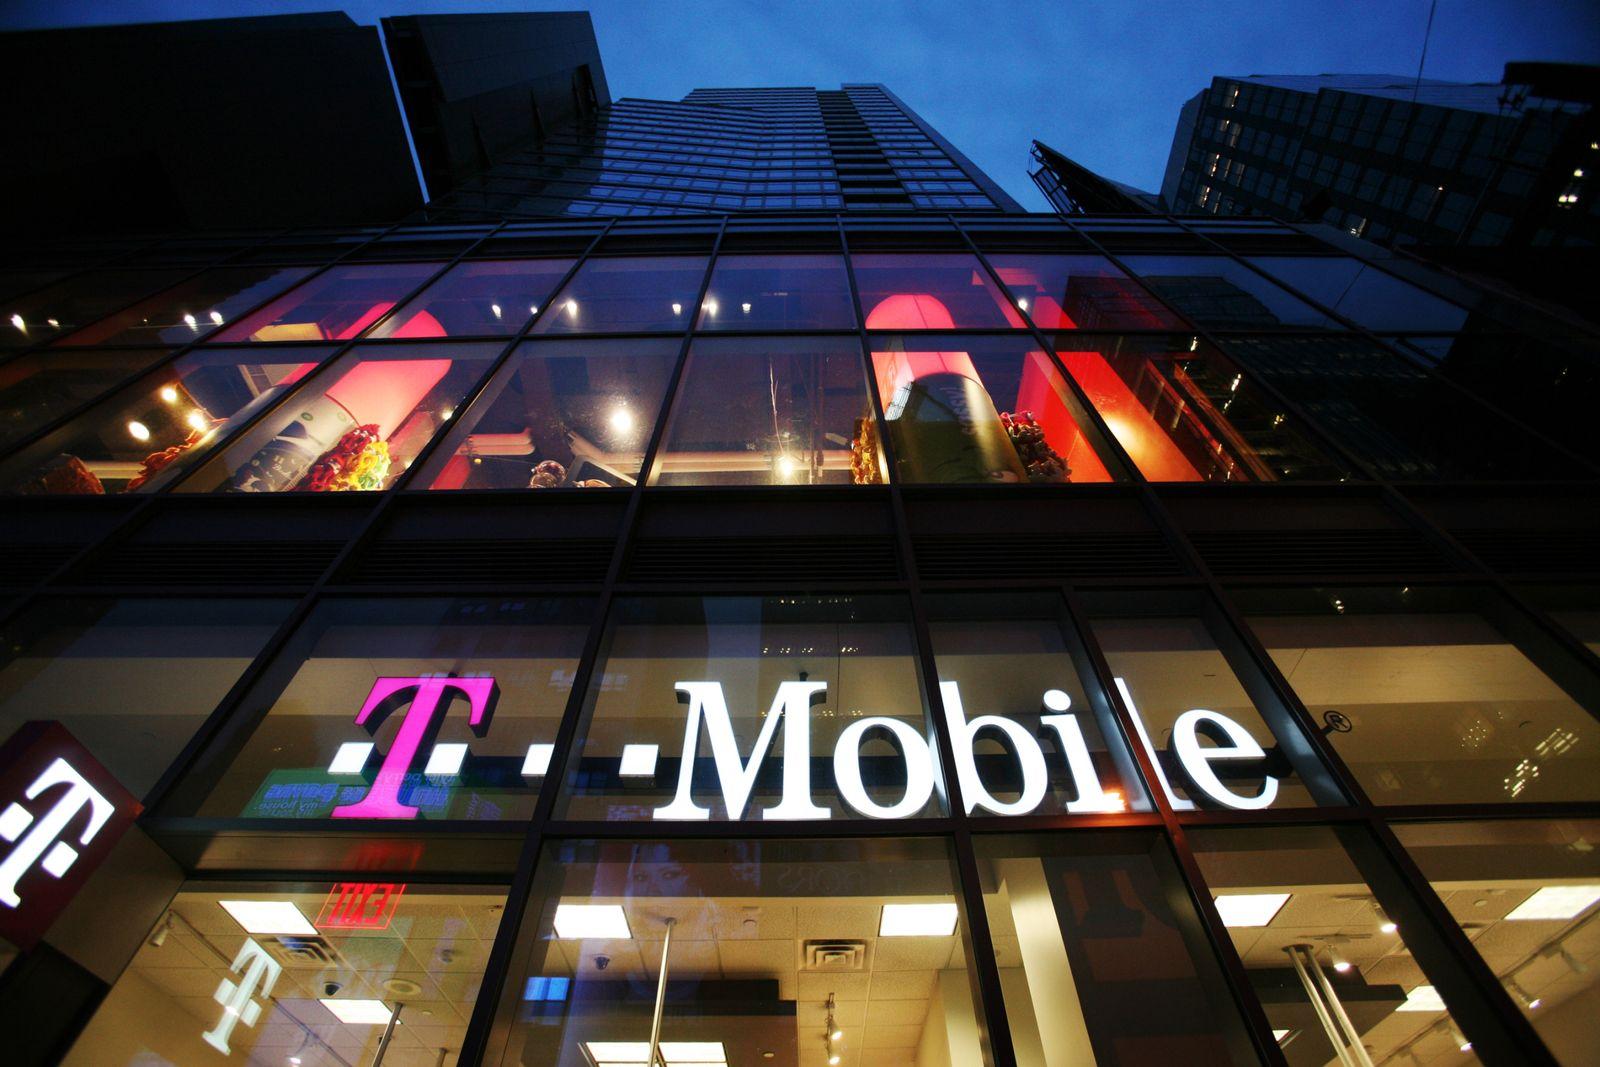 NICHT VERWENDEN T-Mobile am Times Sqaure in New York / USA / Telekom